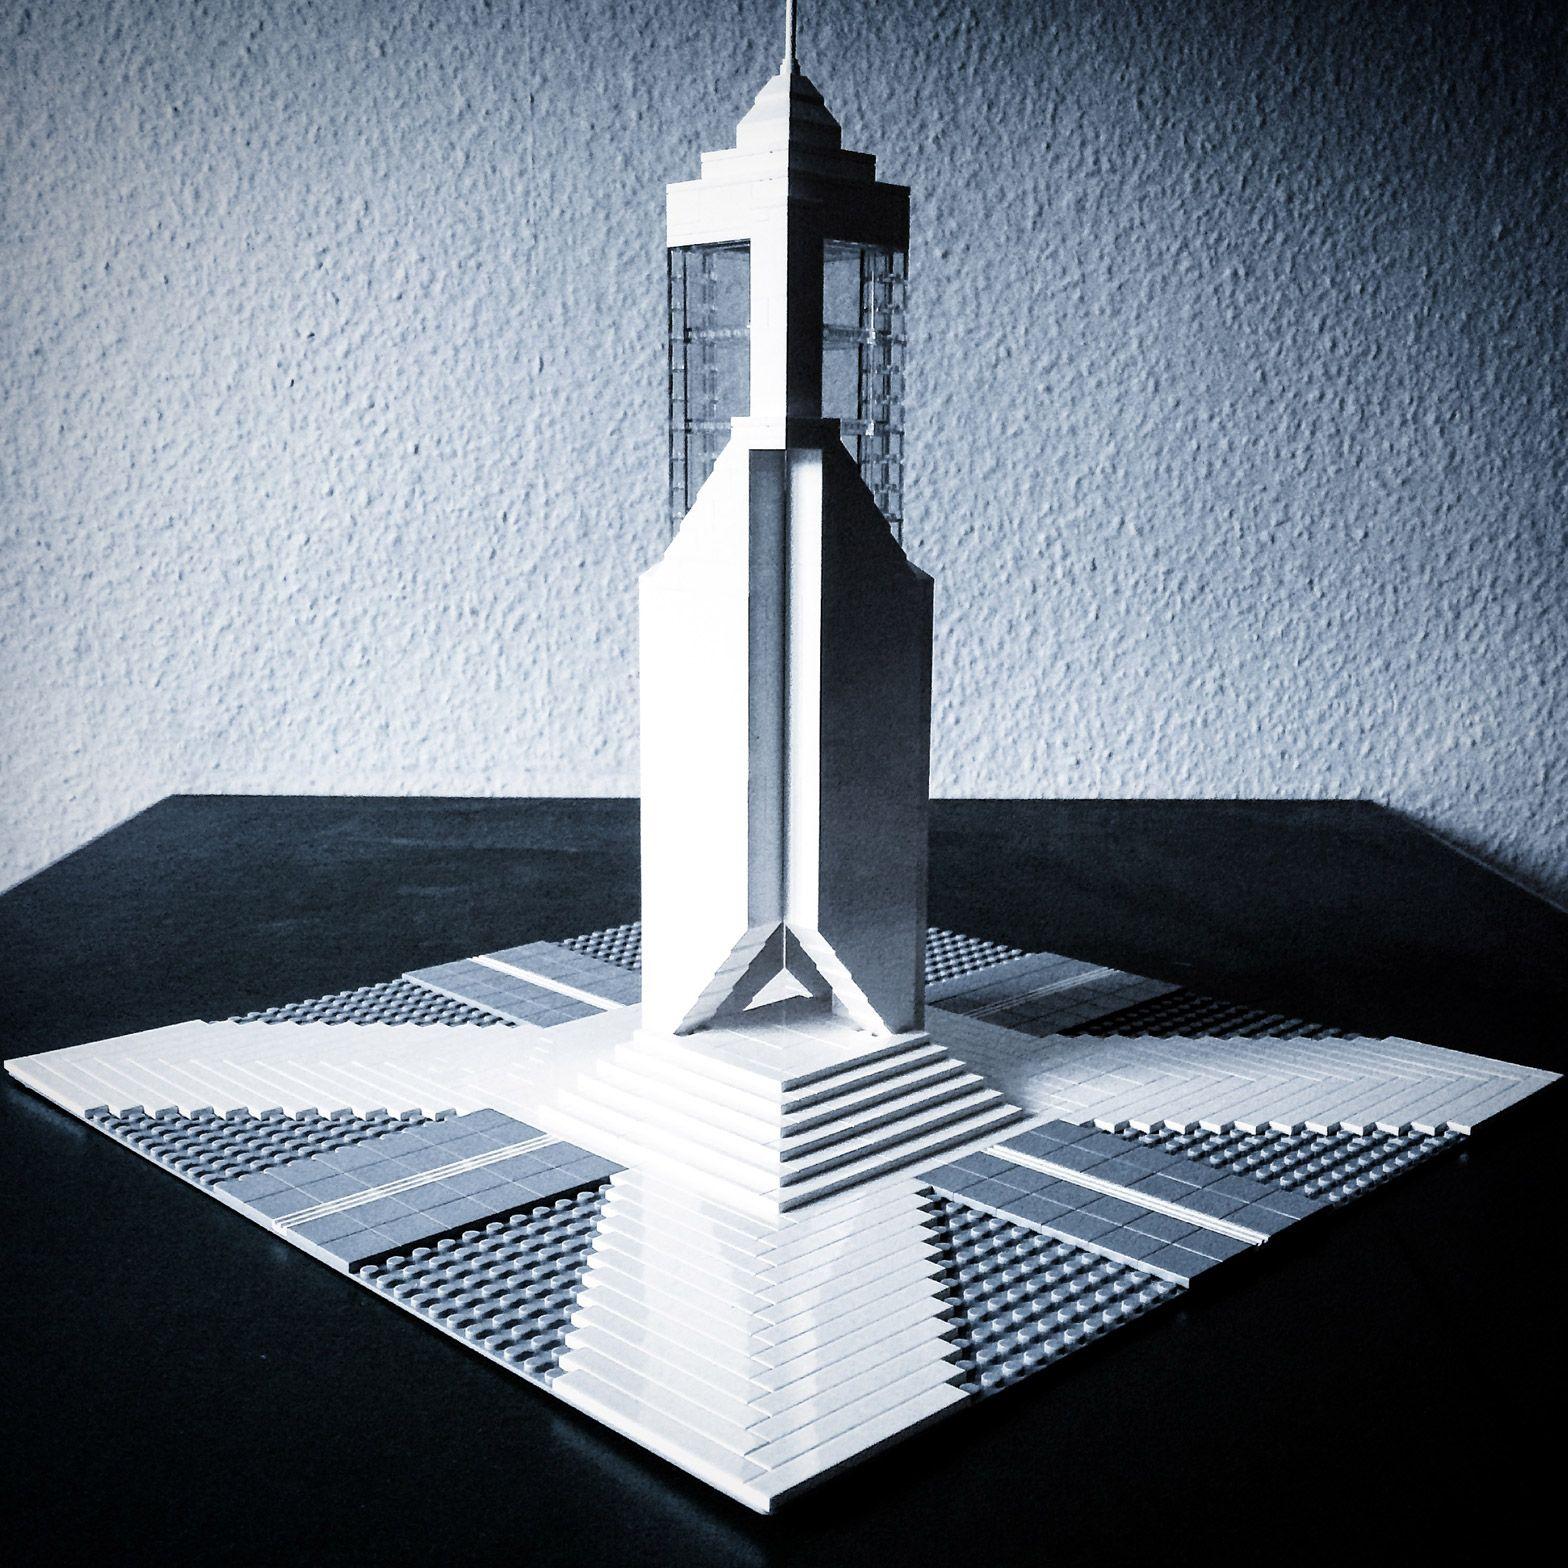 Lego modelle lego haus moderne gebäude architekturmodelle lego kreationen lego power maschinenbau unendlichkeit lego power